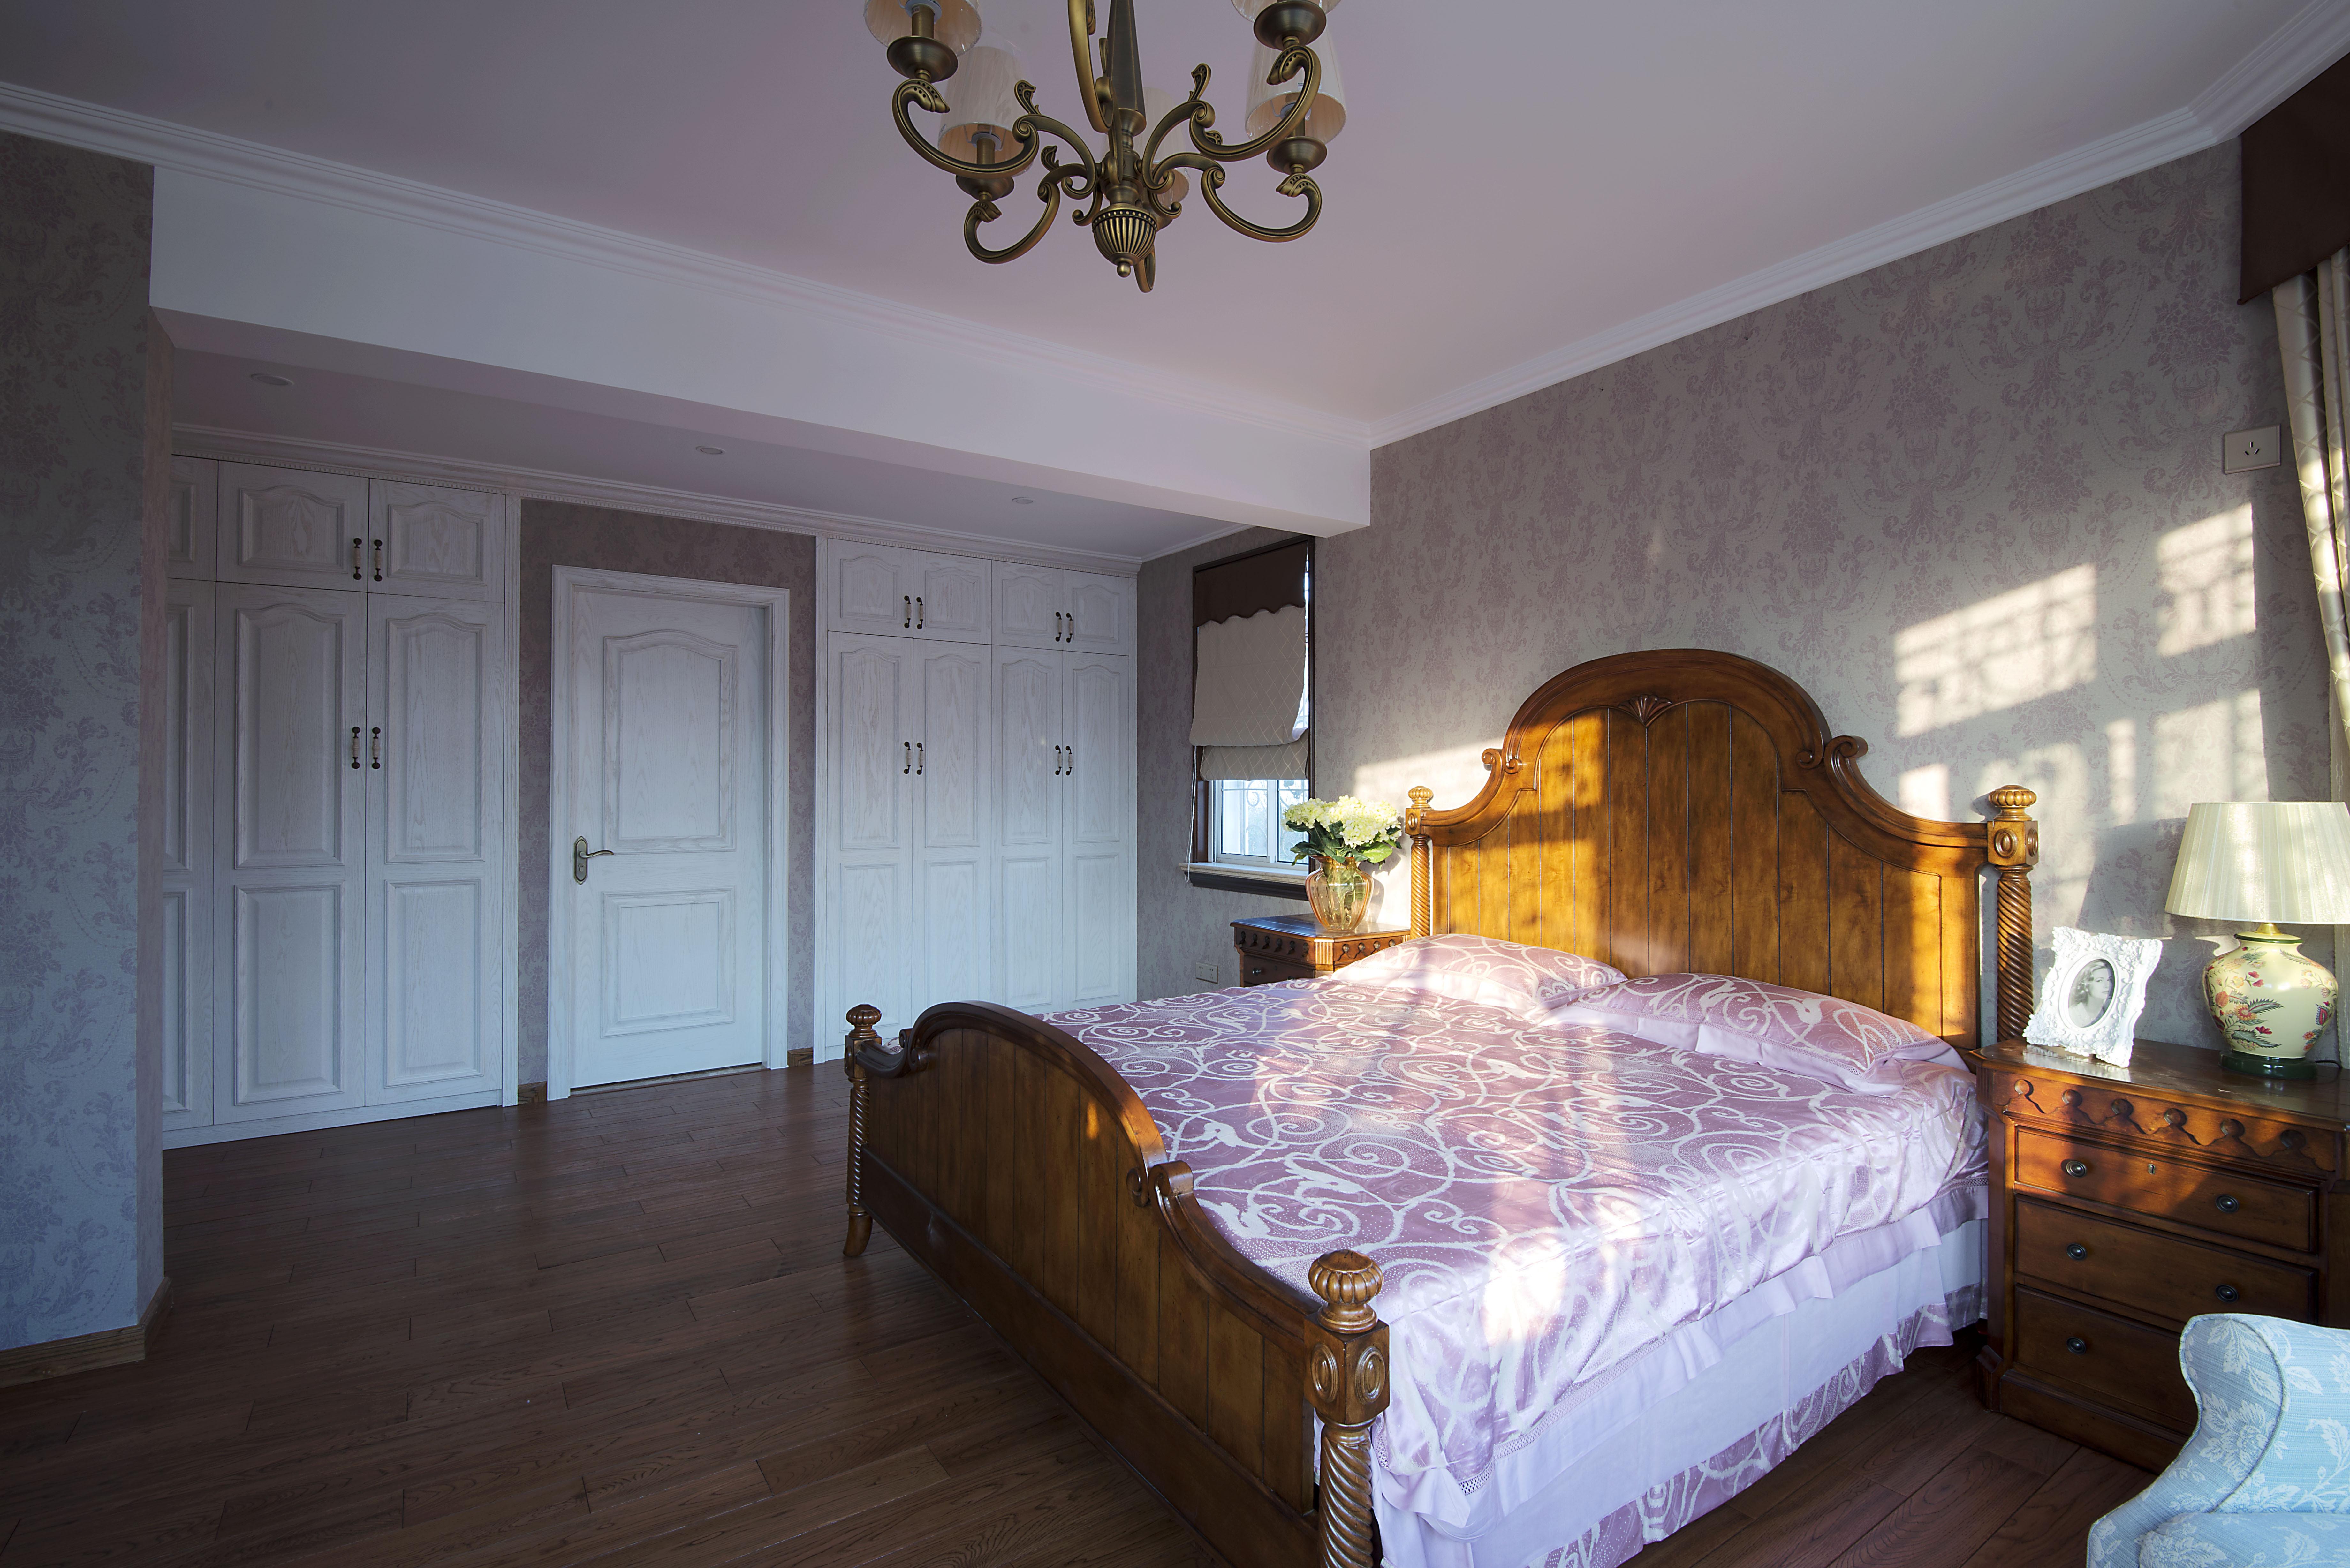 美式风格别墅设计卧室搭配图